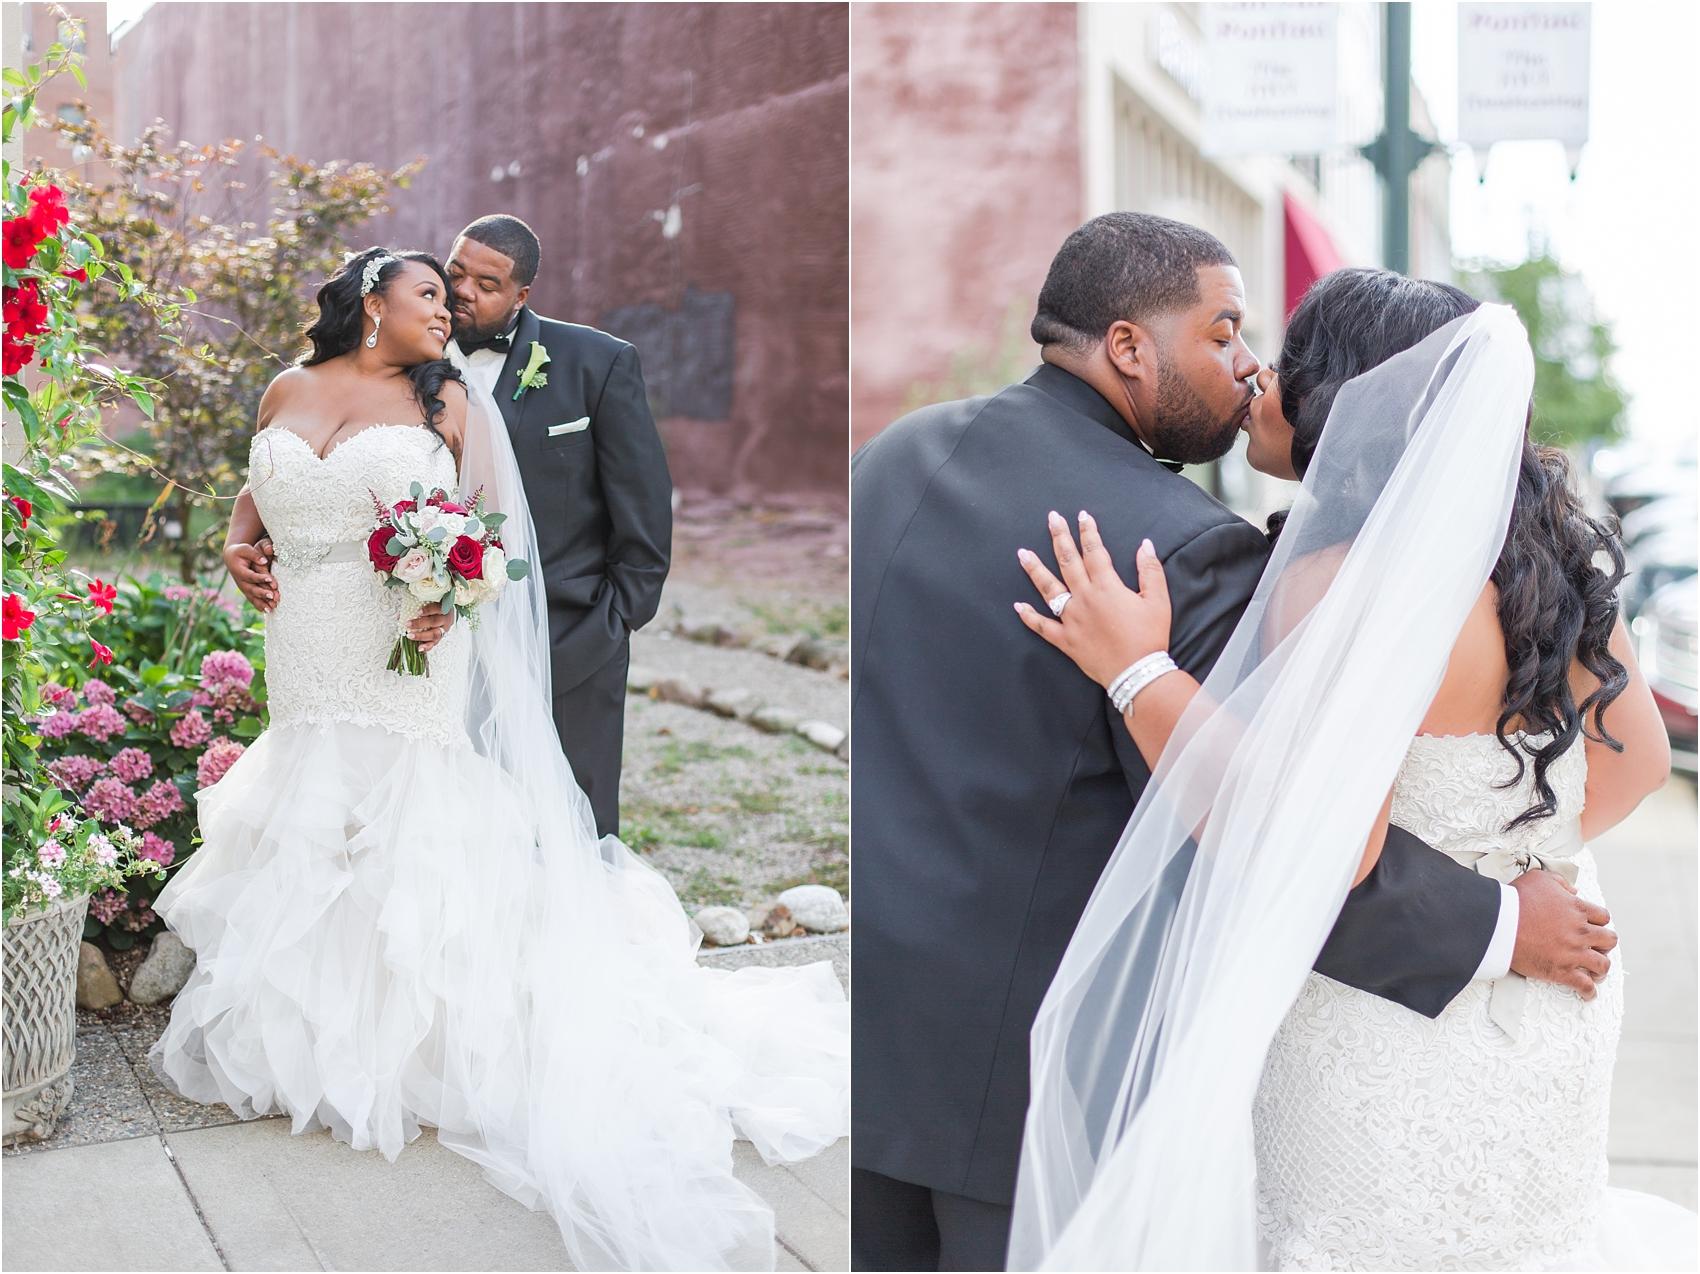 minimalist-and-modern-wedding-photos-at-30-north-saginaw-in-pontiac-michigan-by-courtney-carolyn-photography_0057.jpg